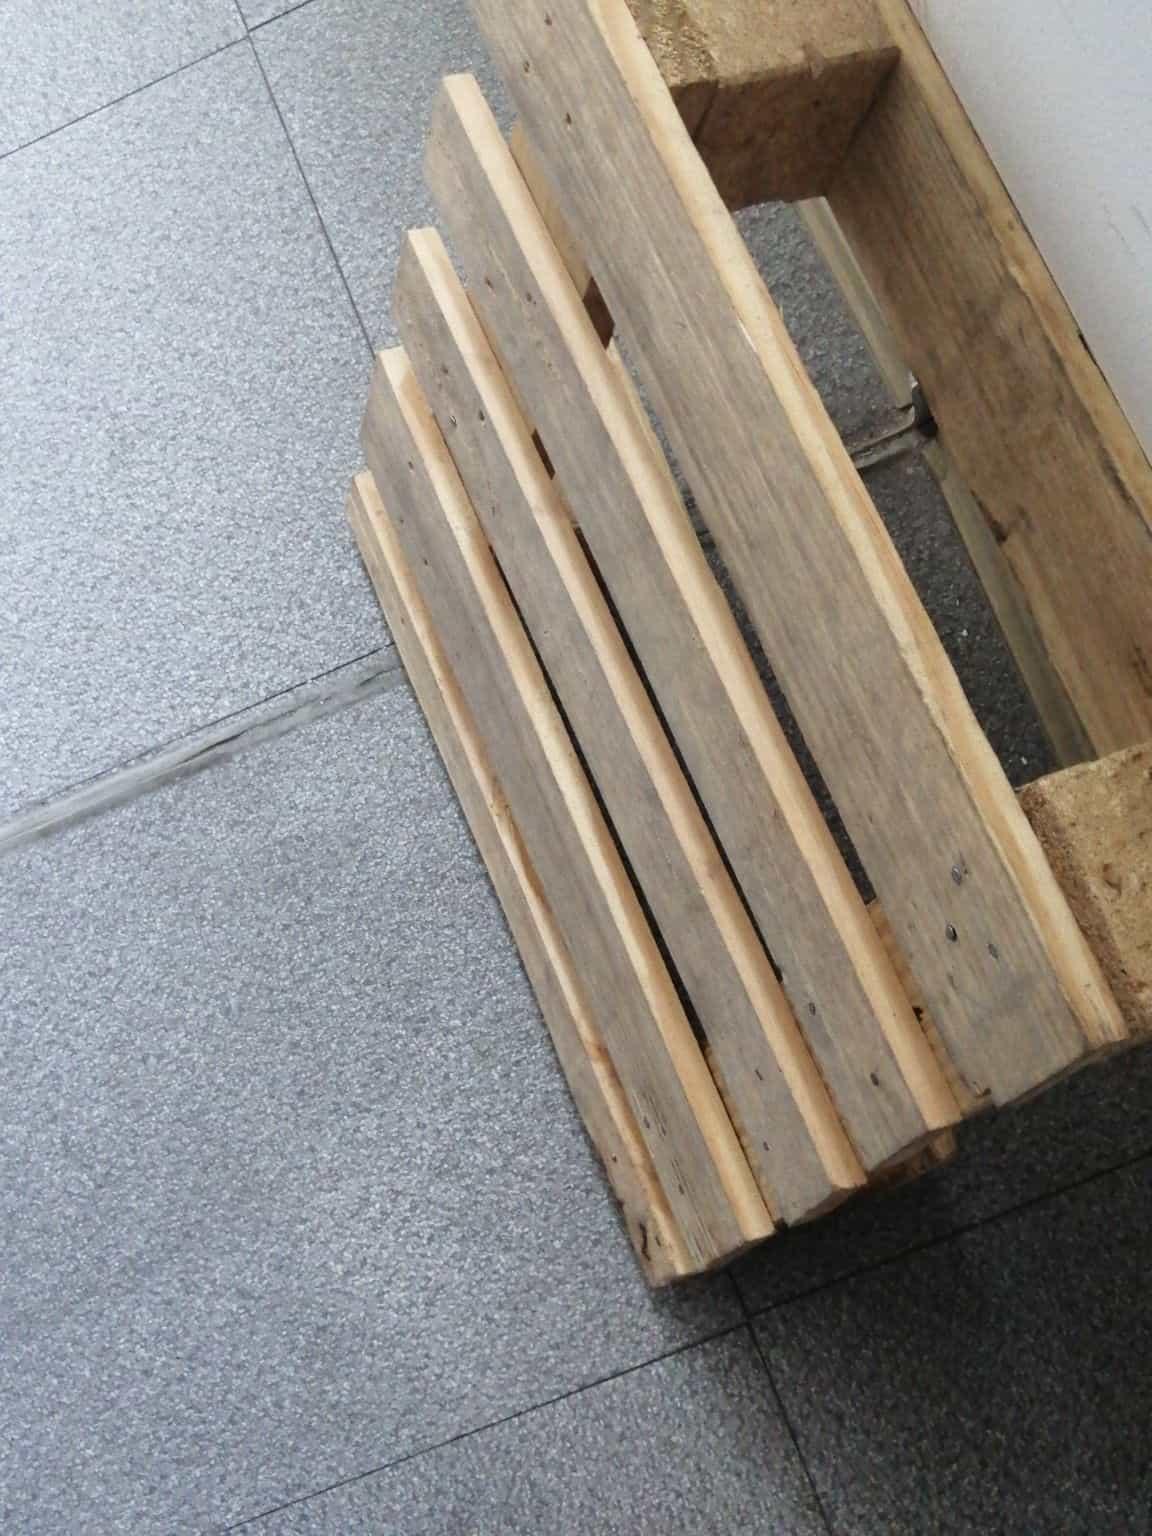 珍珠棉板材-珍珠棉板材批发、促销价??,≥⒯⏎ºⓘ、产地货源